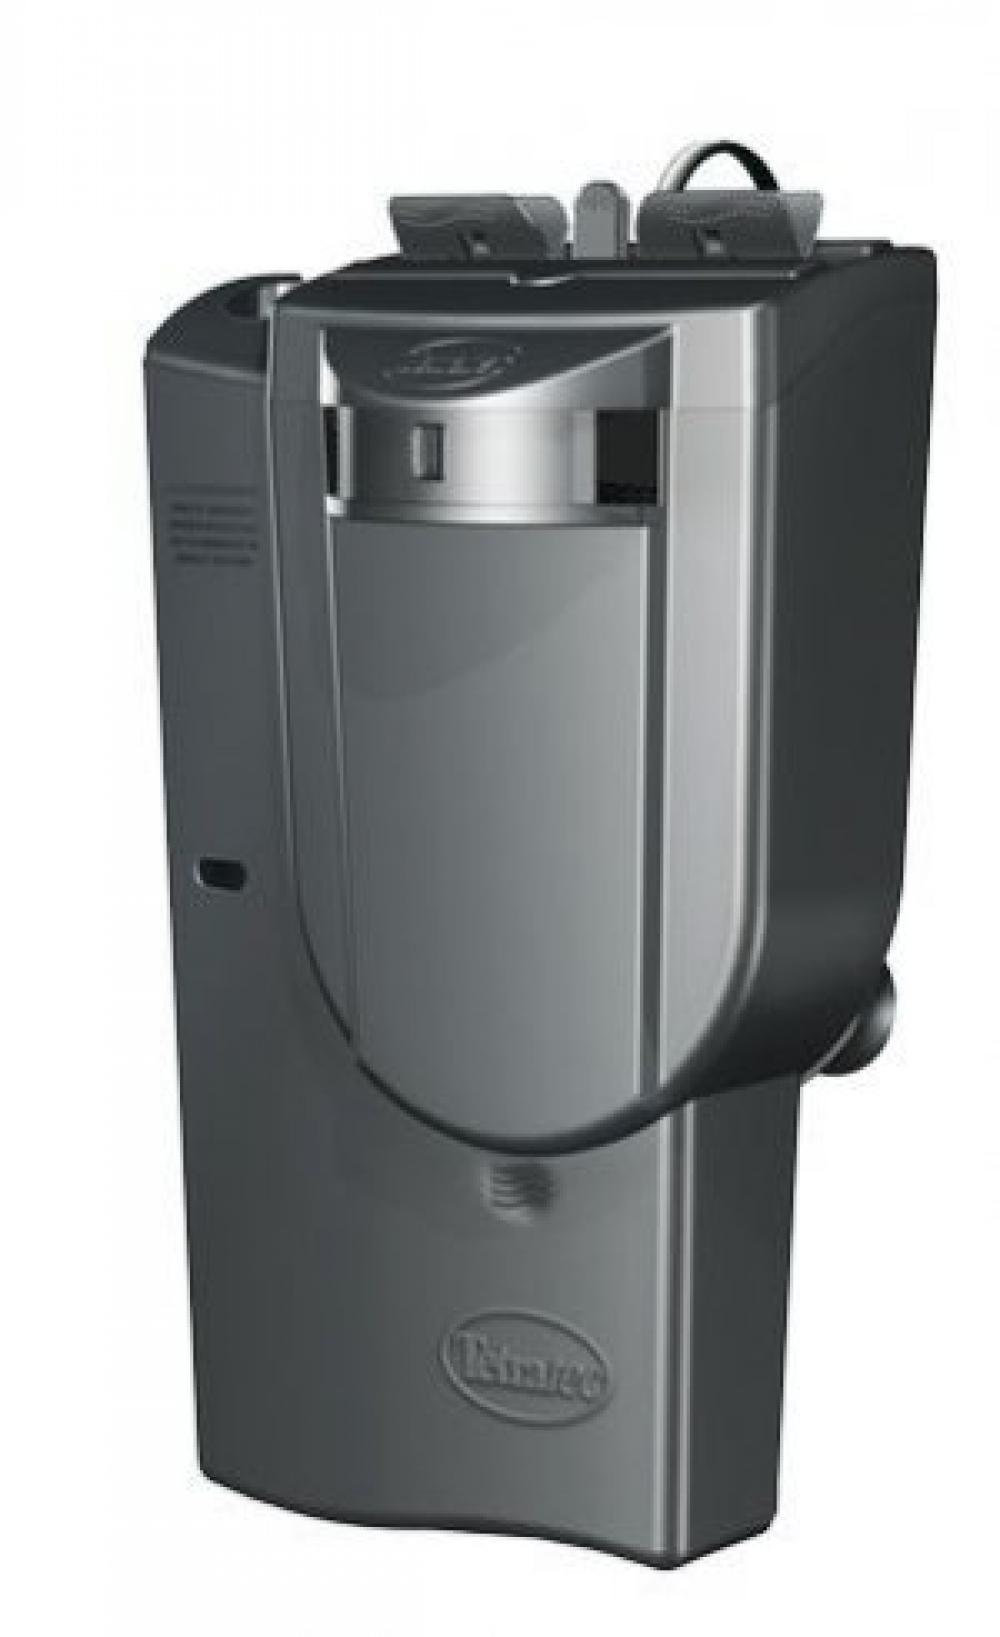 Фильтр внутренний Tetra EasyCrystal FilterBox 600 для аквариумов от 50 до 150 л. - 1